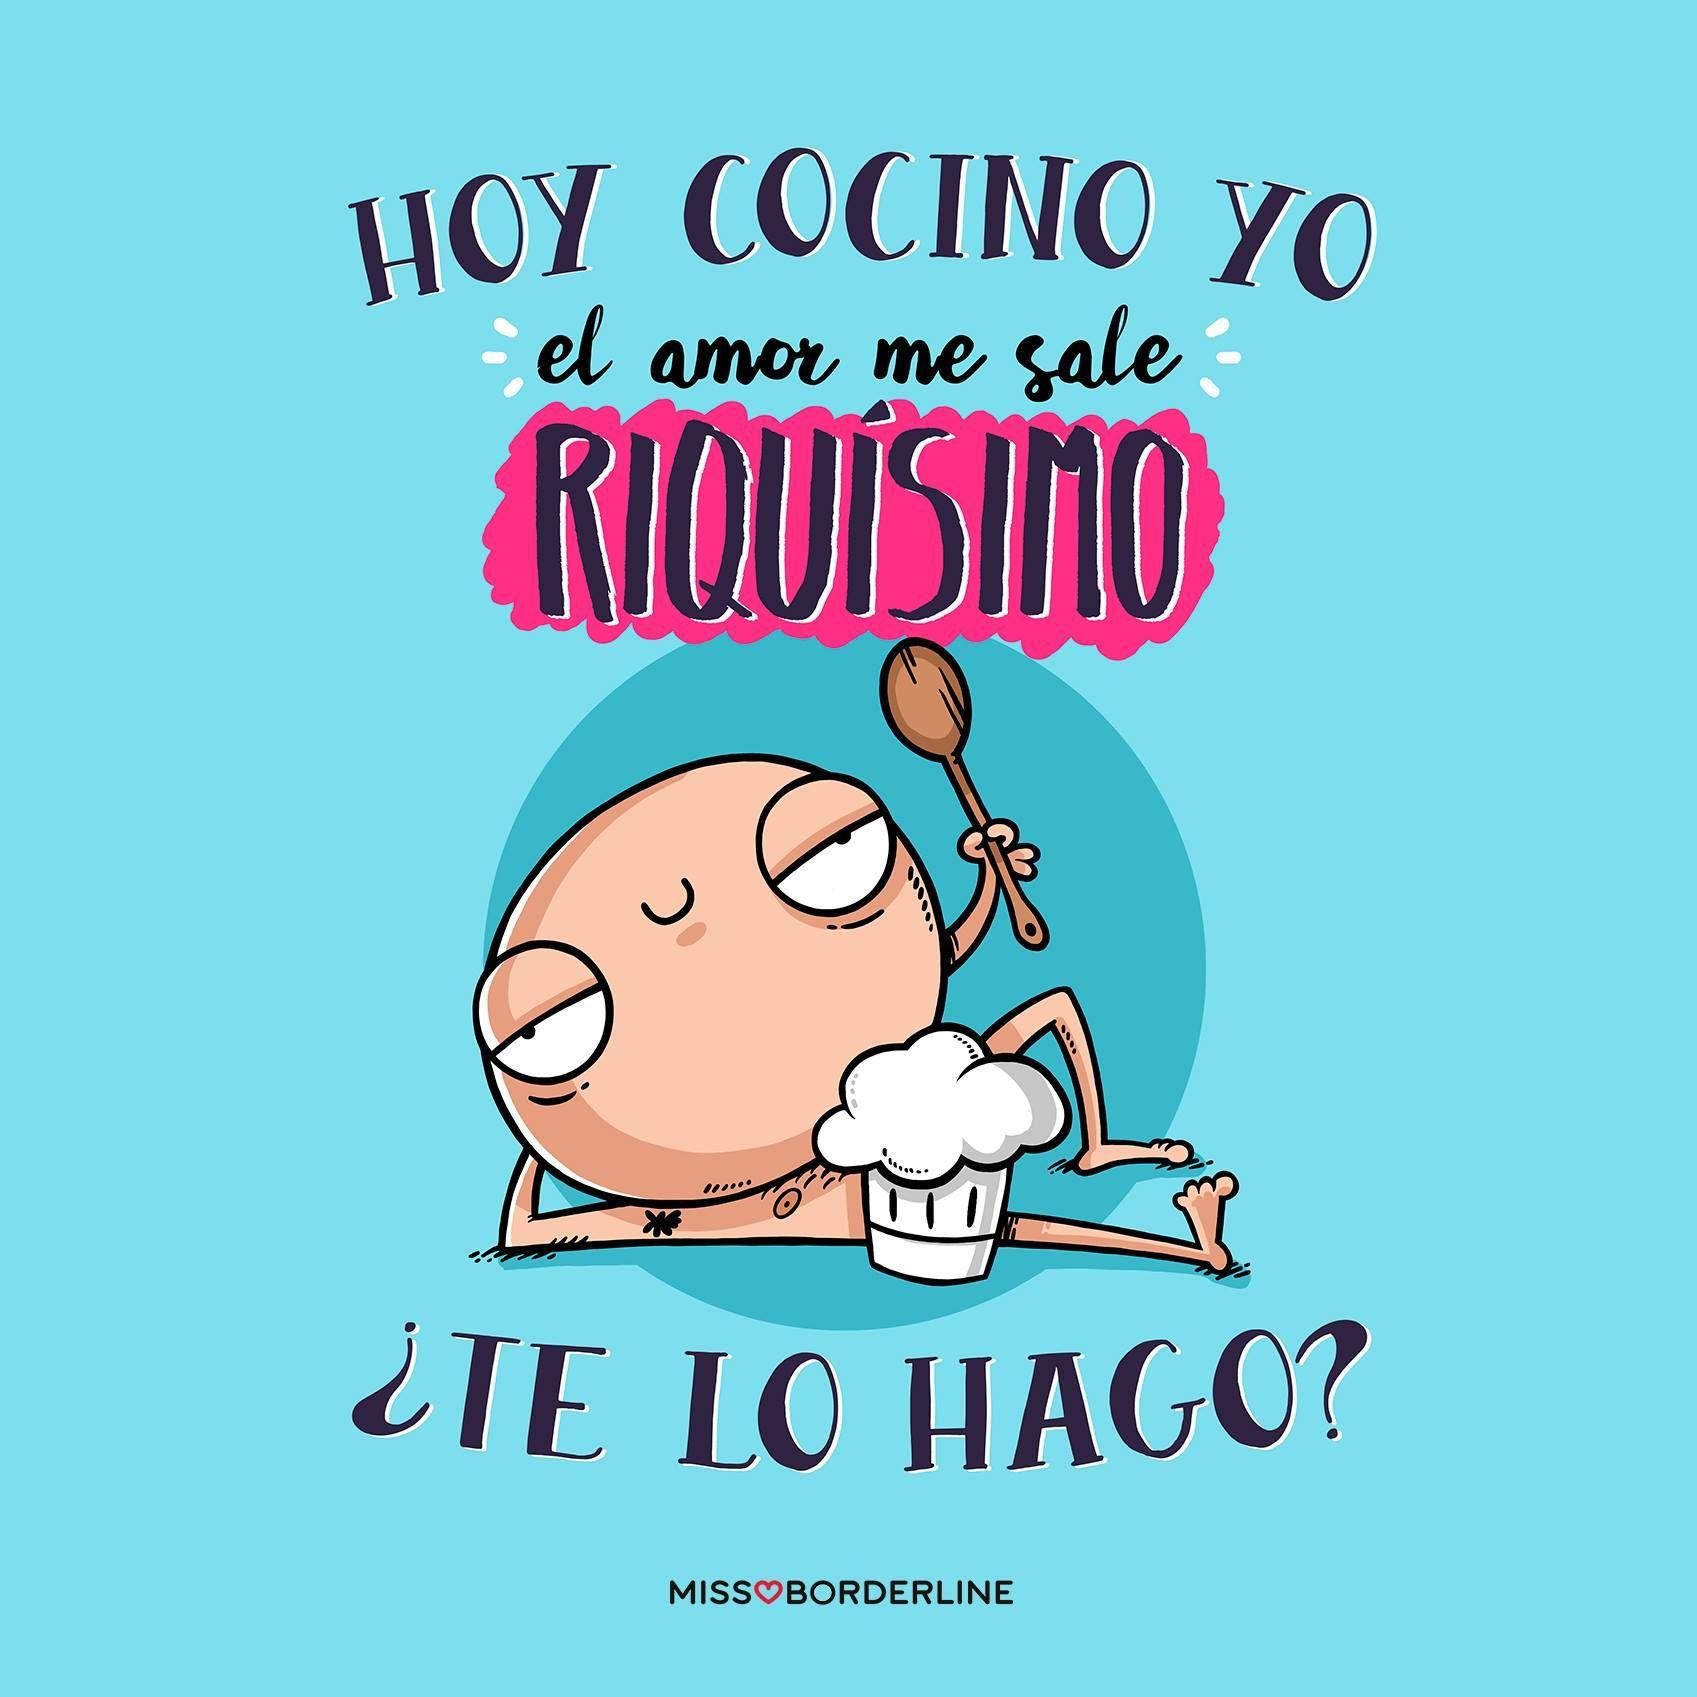 Hoy Cocino Yo El Amor Me Sale Riquisimo Te Lo Hago Funny